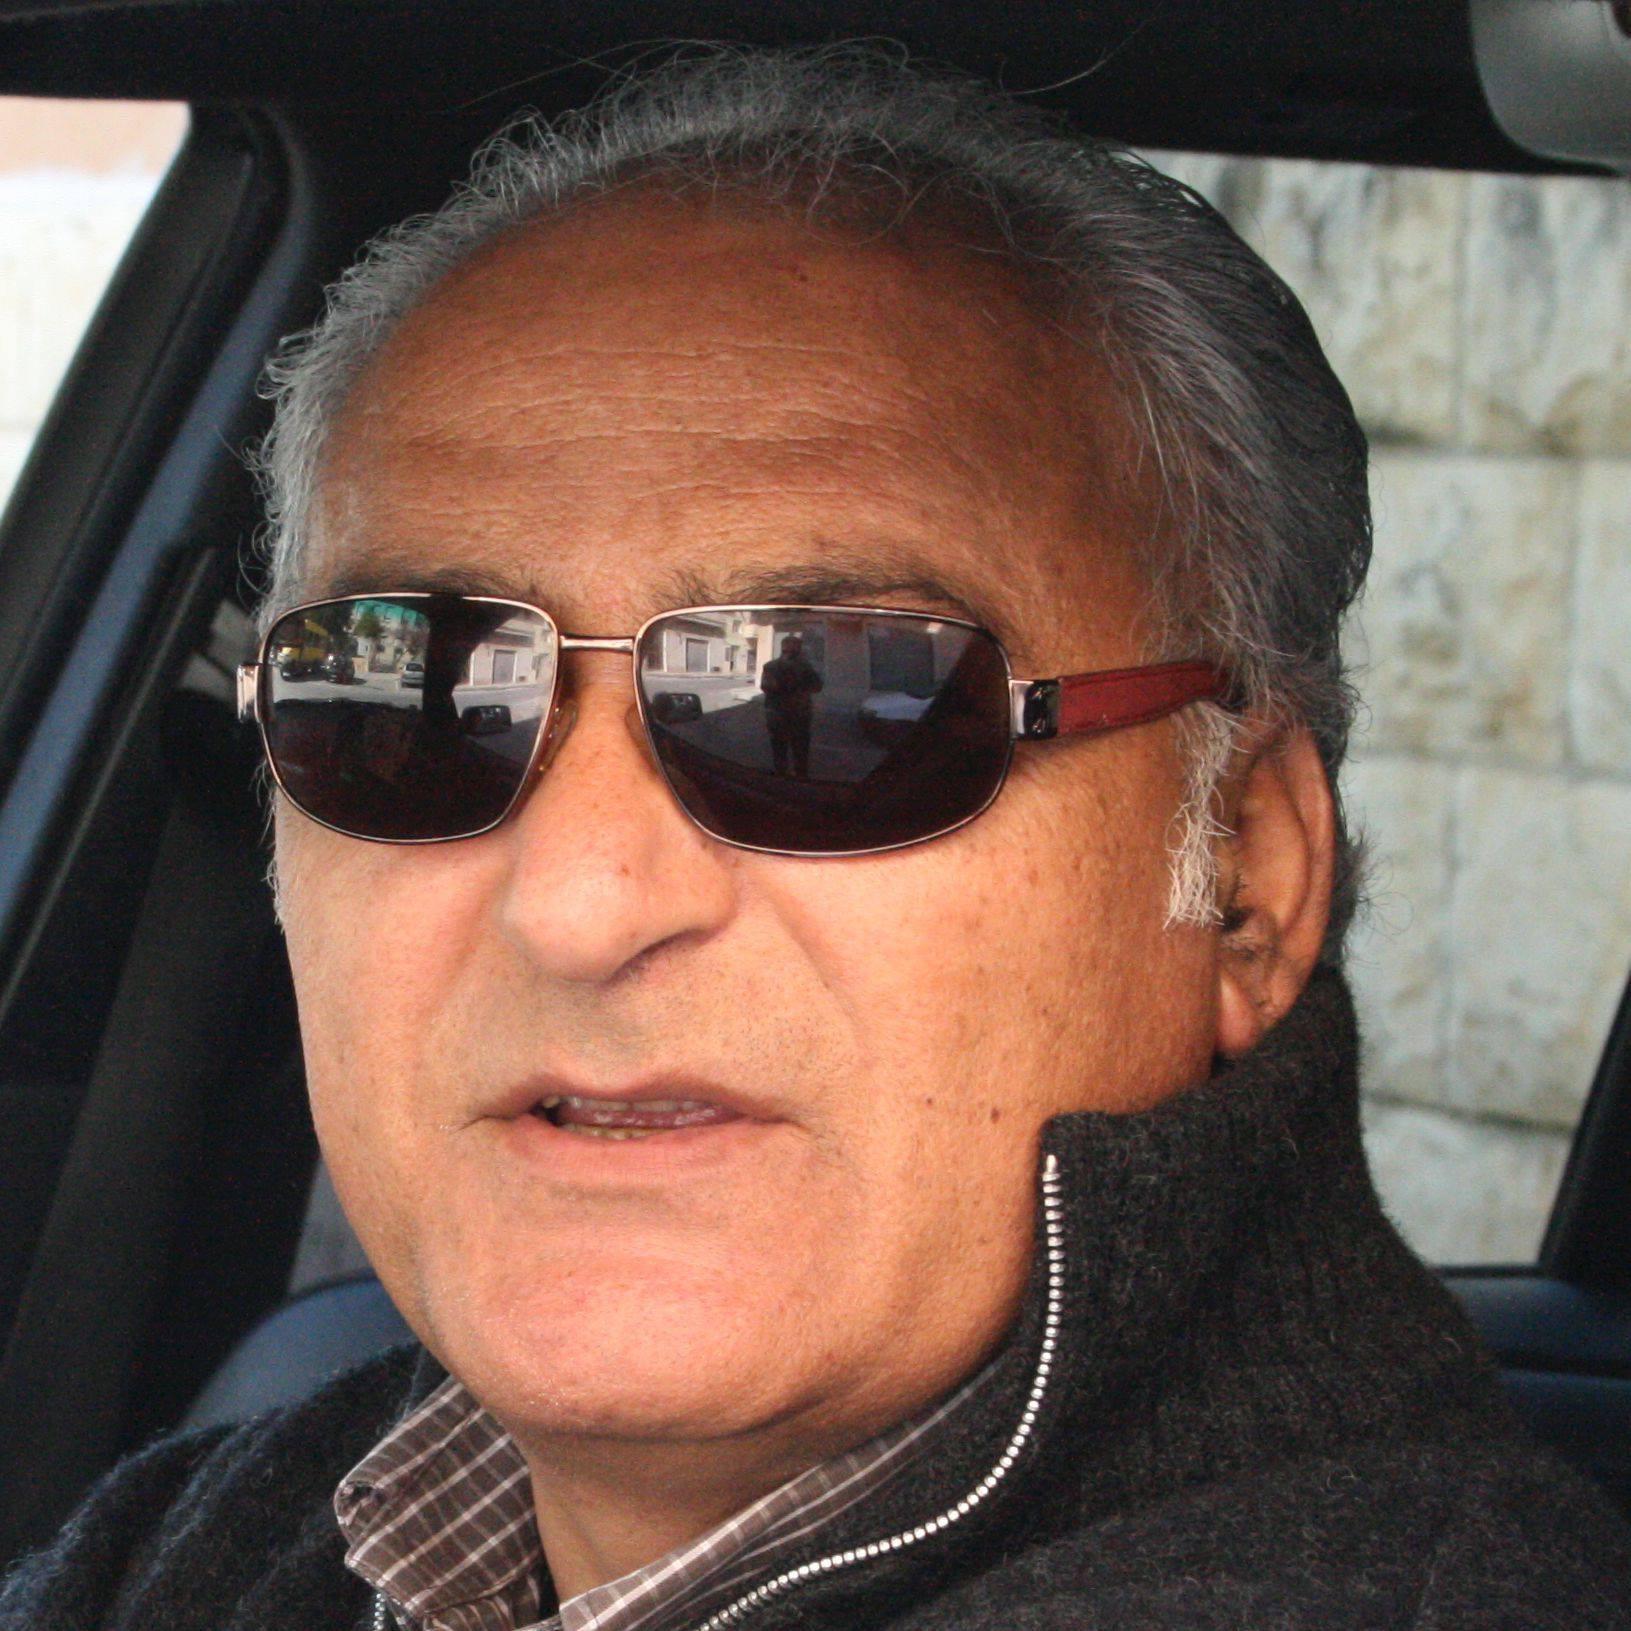 Carmelo Dimartino ci lascia dopo una lunga malattia: il nostro cordoglio